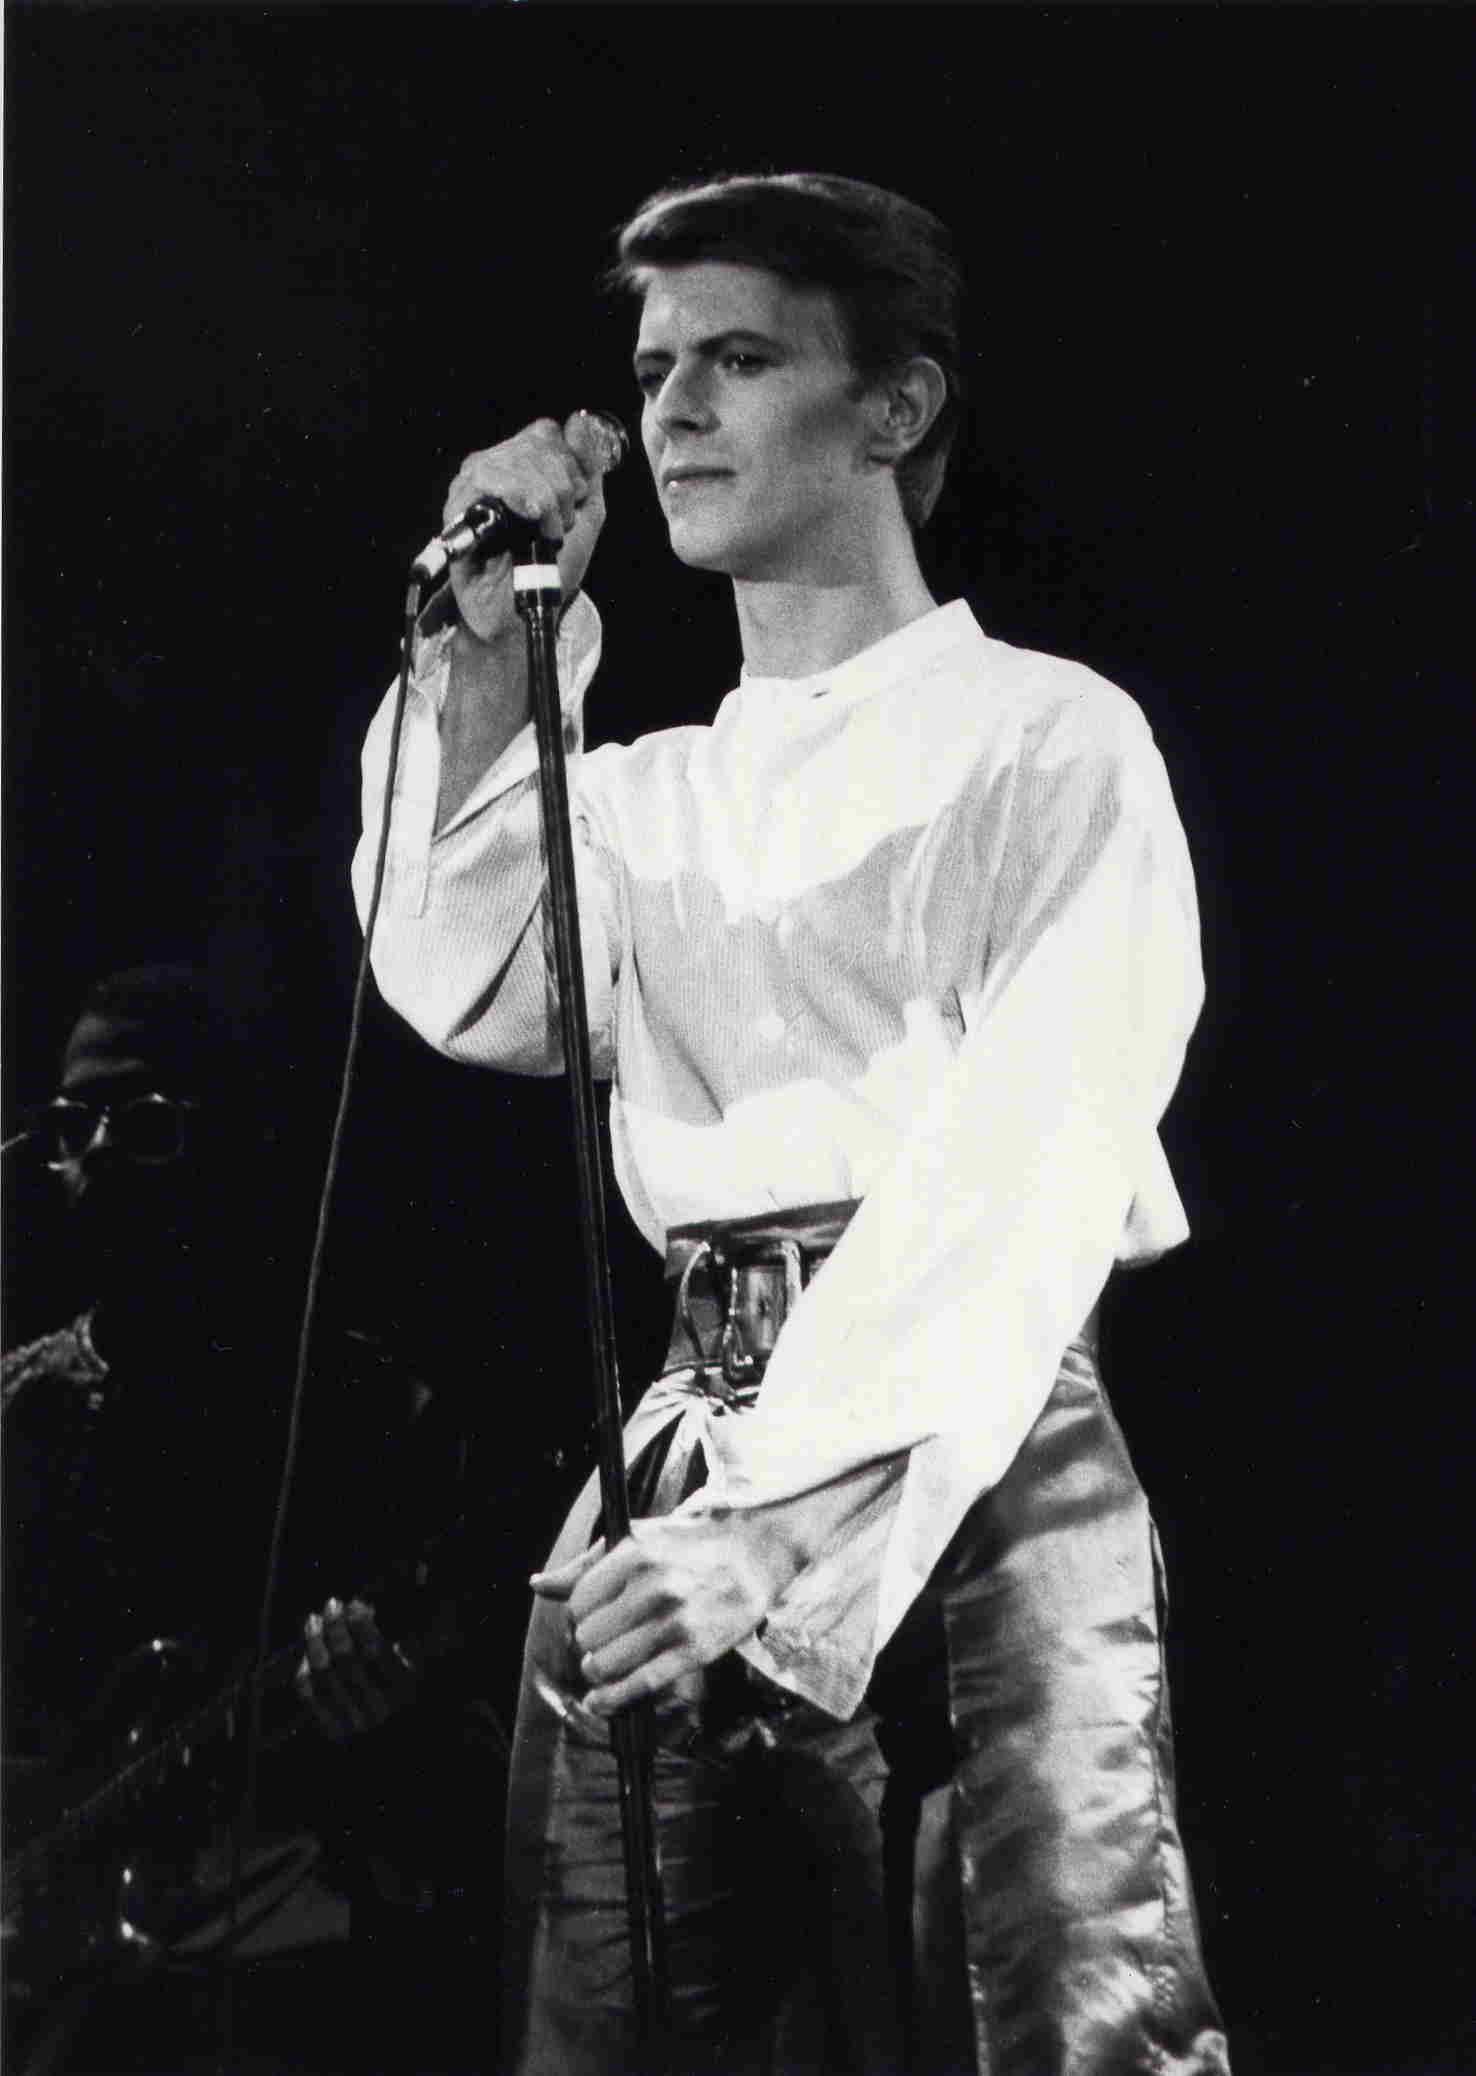 David Bowie - Heroes tour - 1978 - Paris Zénith